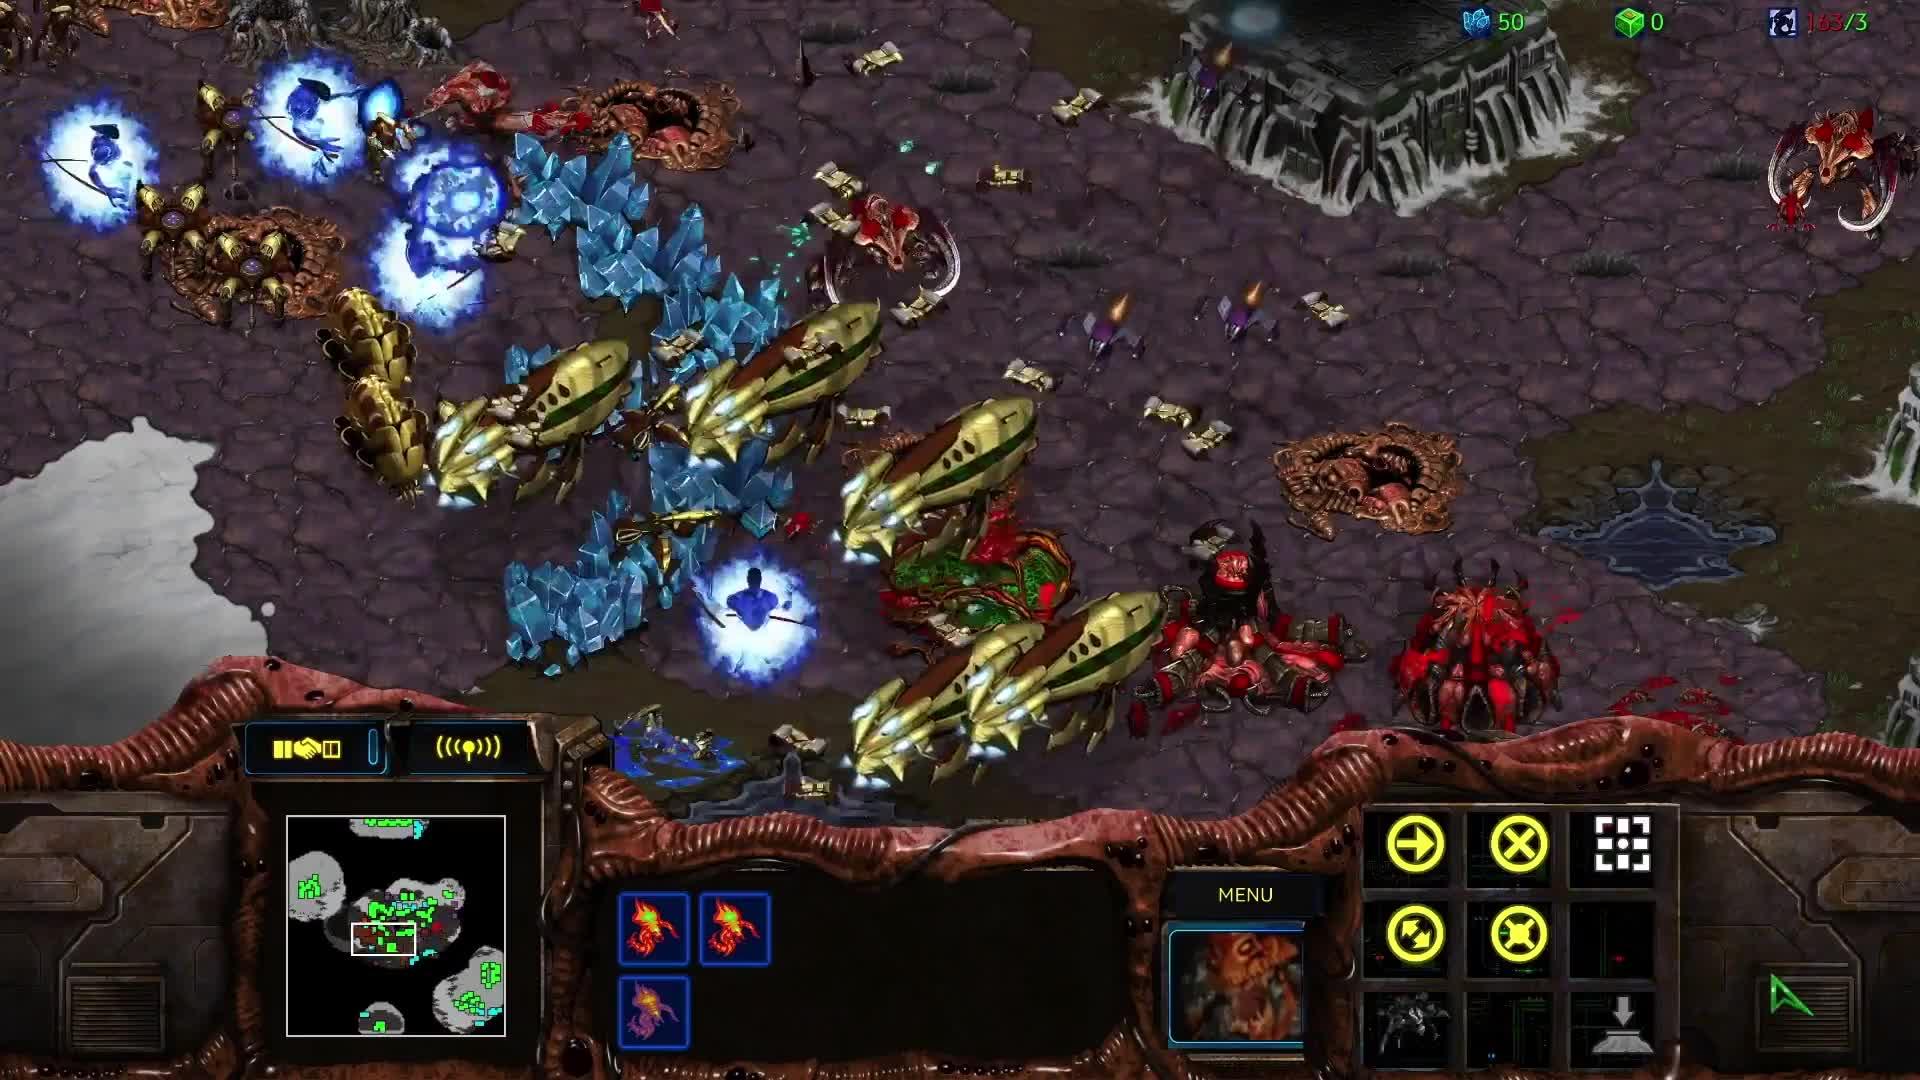 GS News Update: StarCraft Remaster Announced!